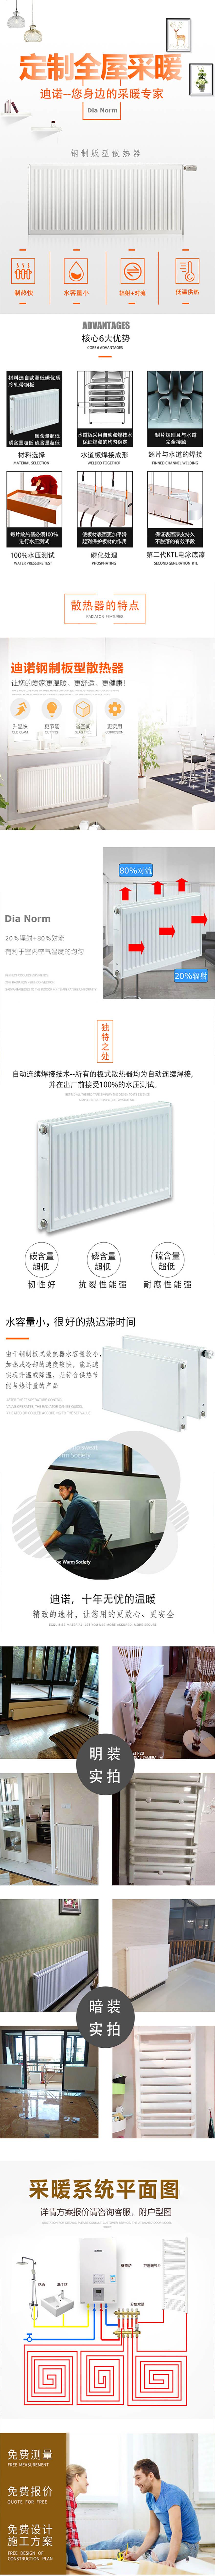 德国瑞特格·迪诺钢制板式暖气片